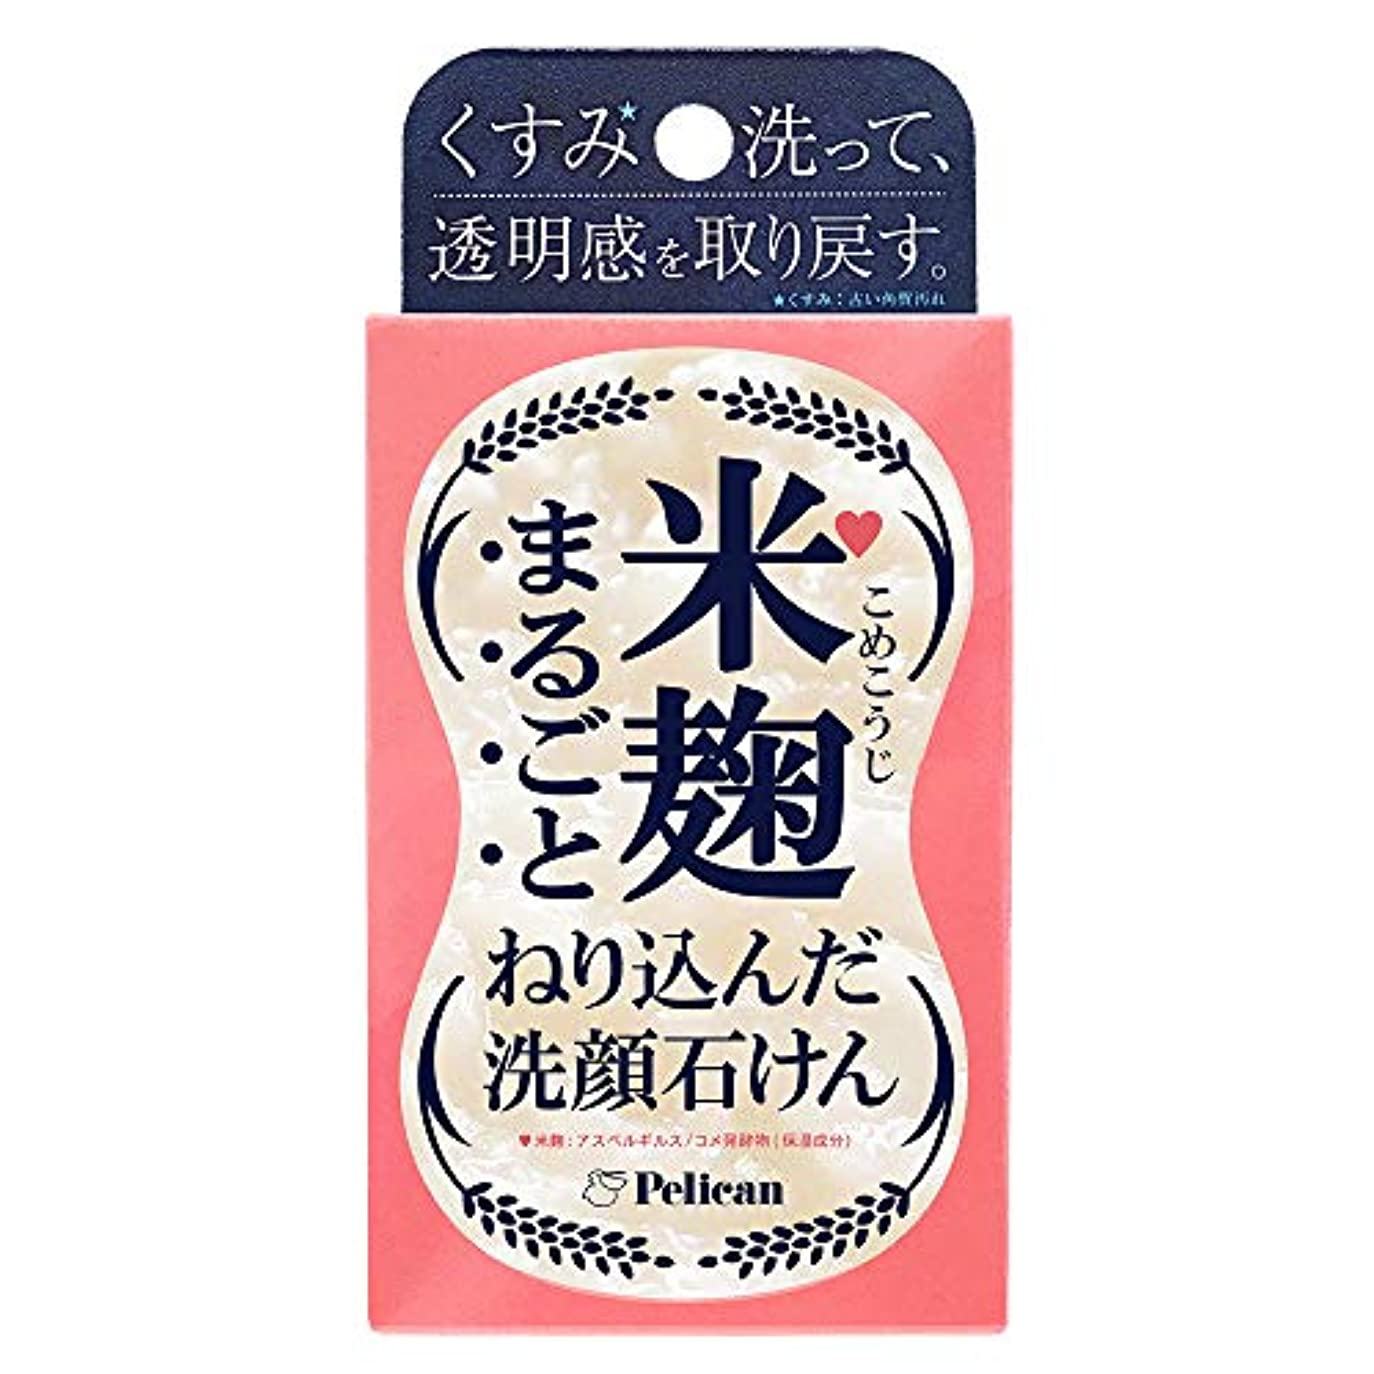 クレアレベルスプレーペリカン石鹸 米麹まるごとねり込んだ洗顔石けん 75g